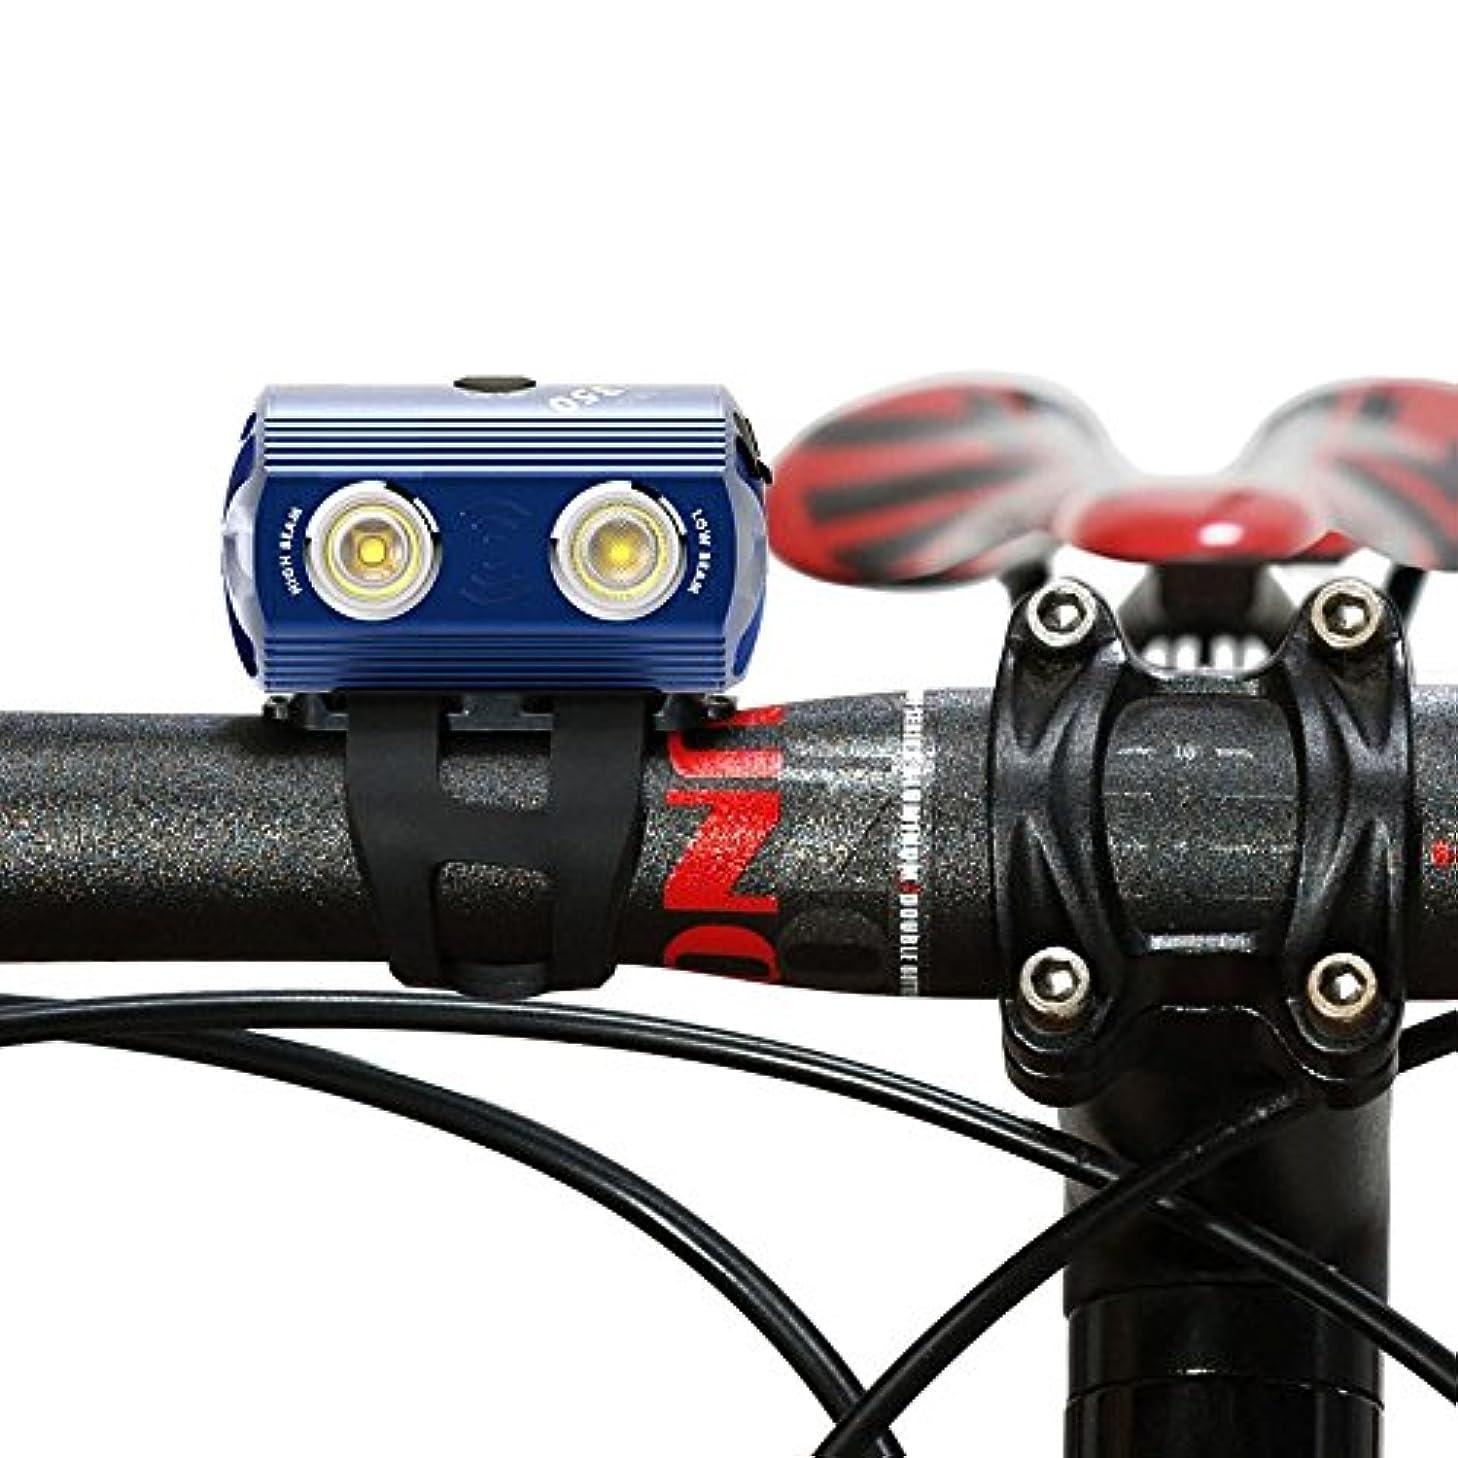 首ダイエットブームVOLO URBANEON 350 自転車ブライトヘッドライト - USB充電式自転車フロントライト - 明るさを自由に調整可能 - デュアルビームワイドアングルサイクリングセーフティライト